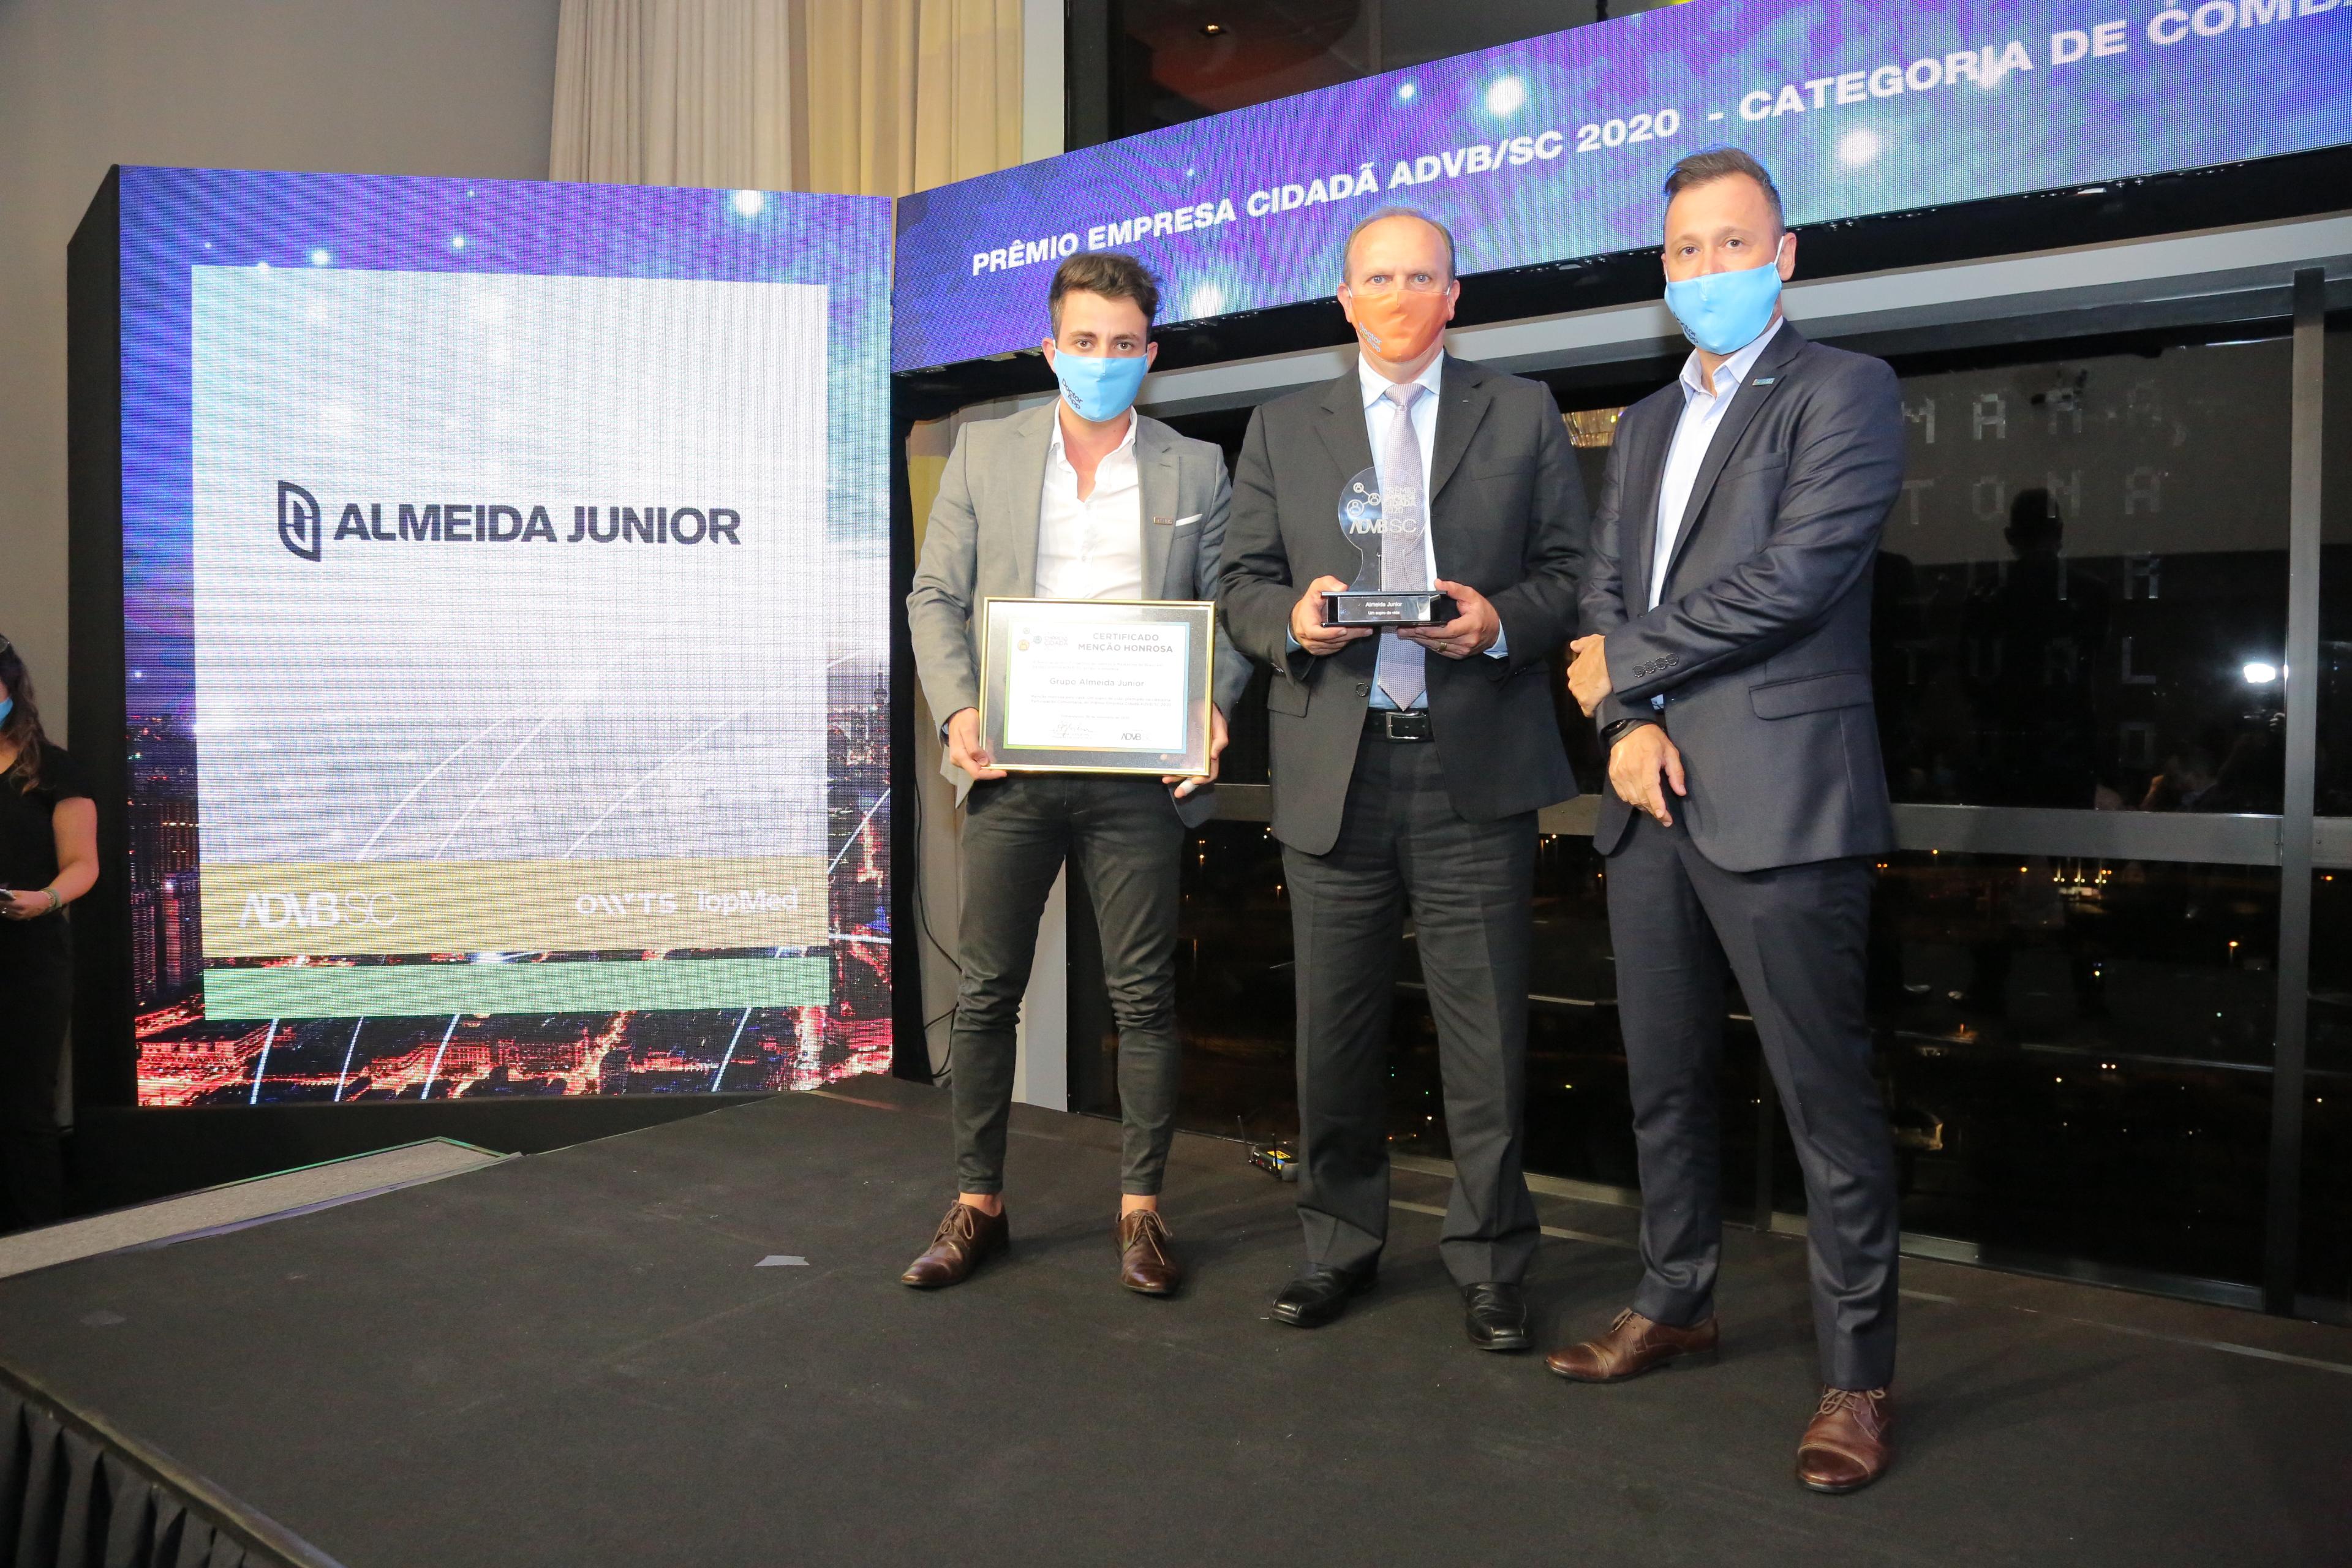 Almeida Junior recebe Prêmio Empresa Cidadã 2020 da ADVB/SC